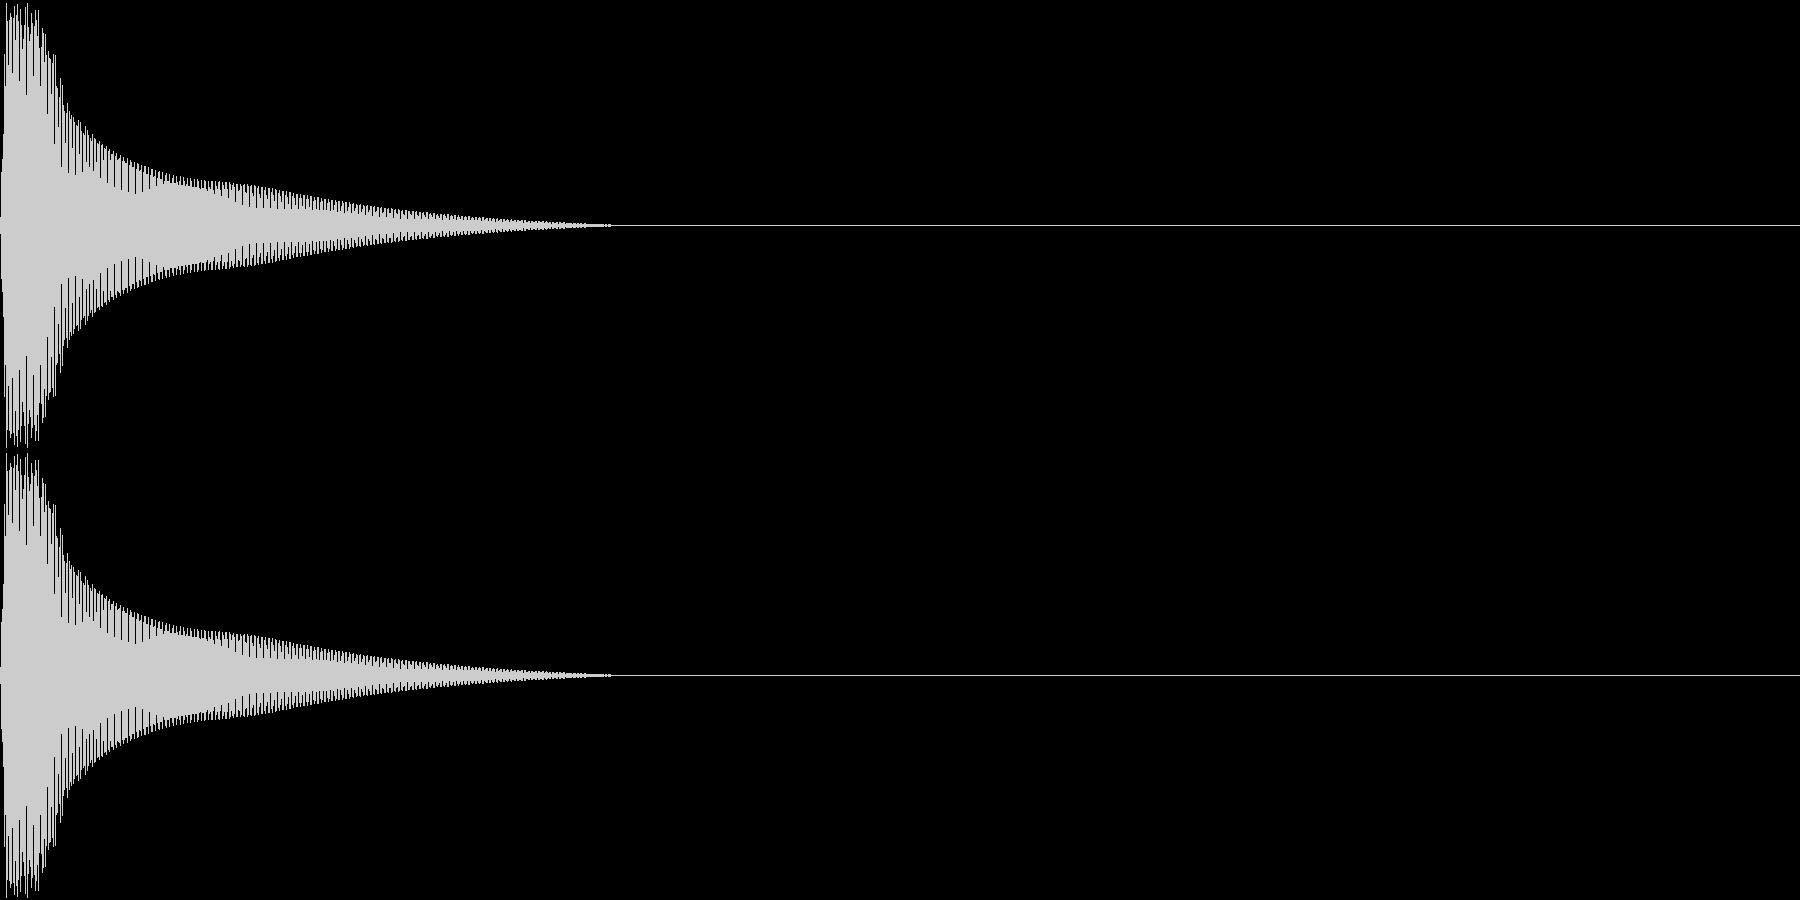 PureTouch アプリ用タッチ音 1の未再生の波形